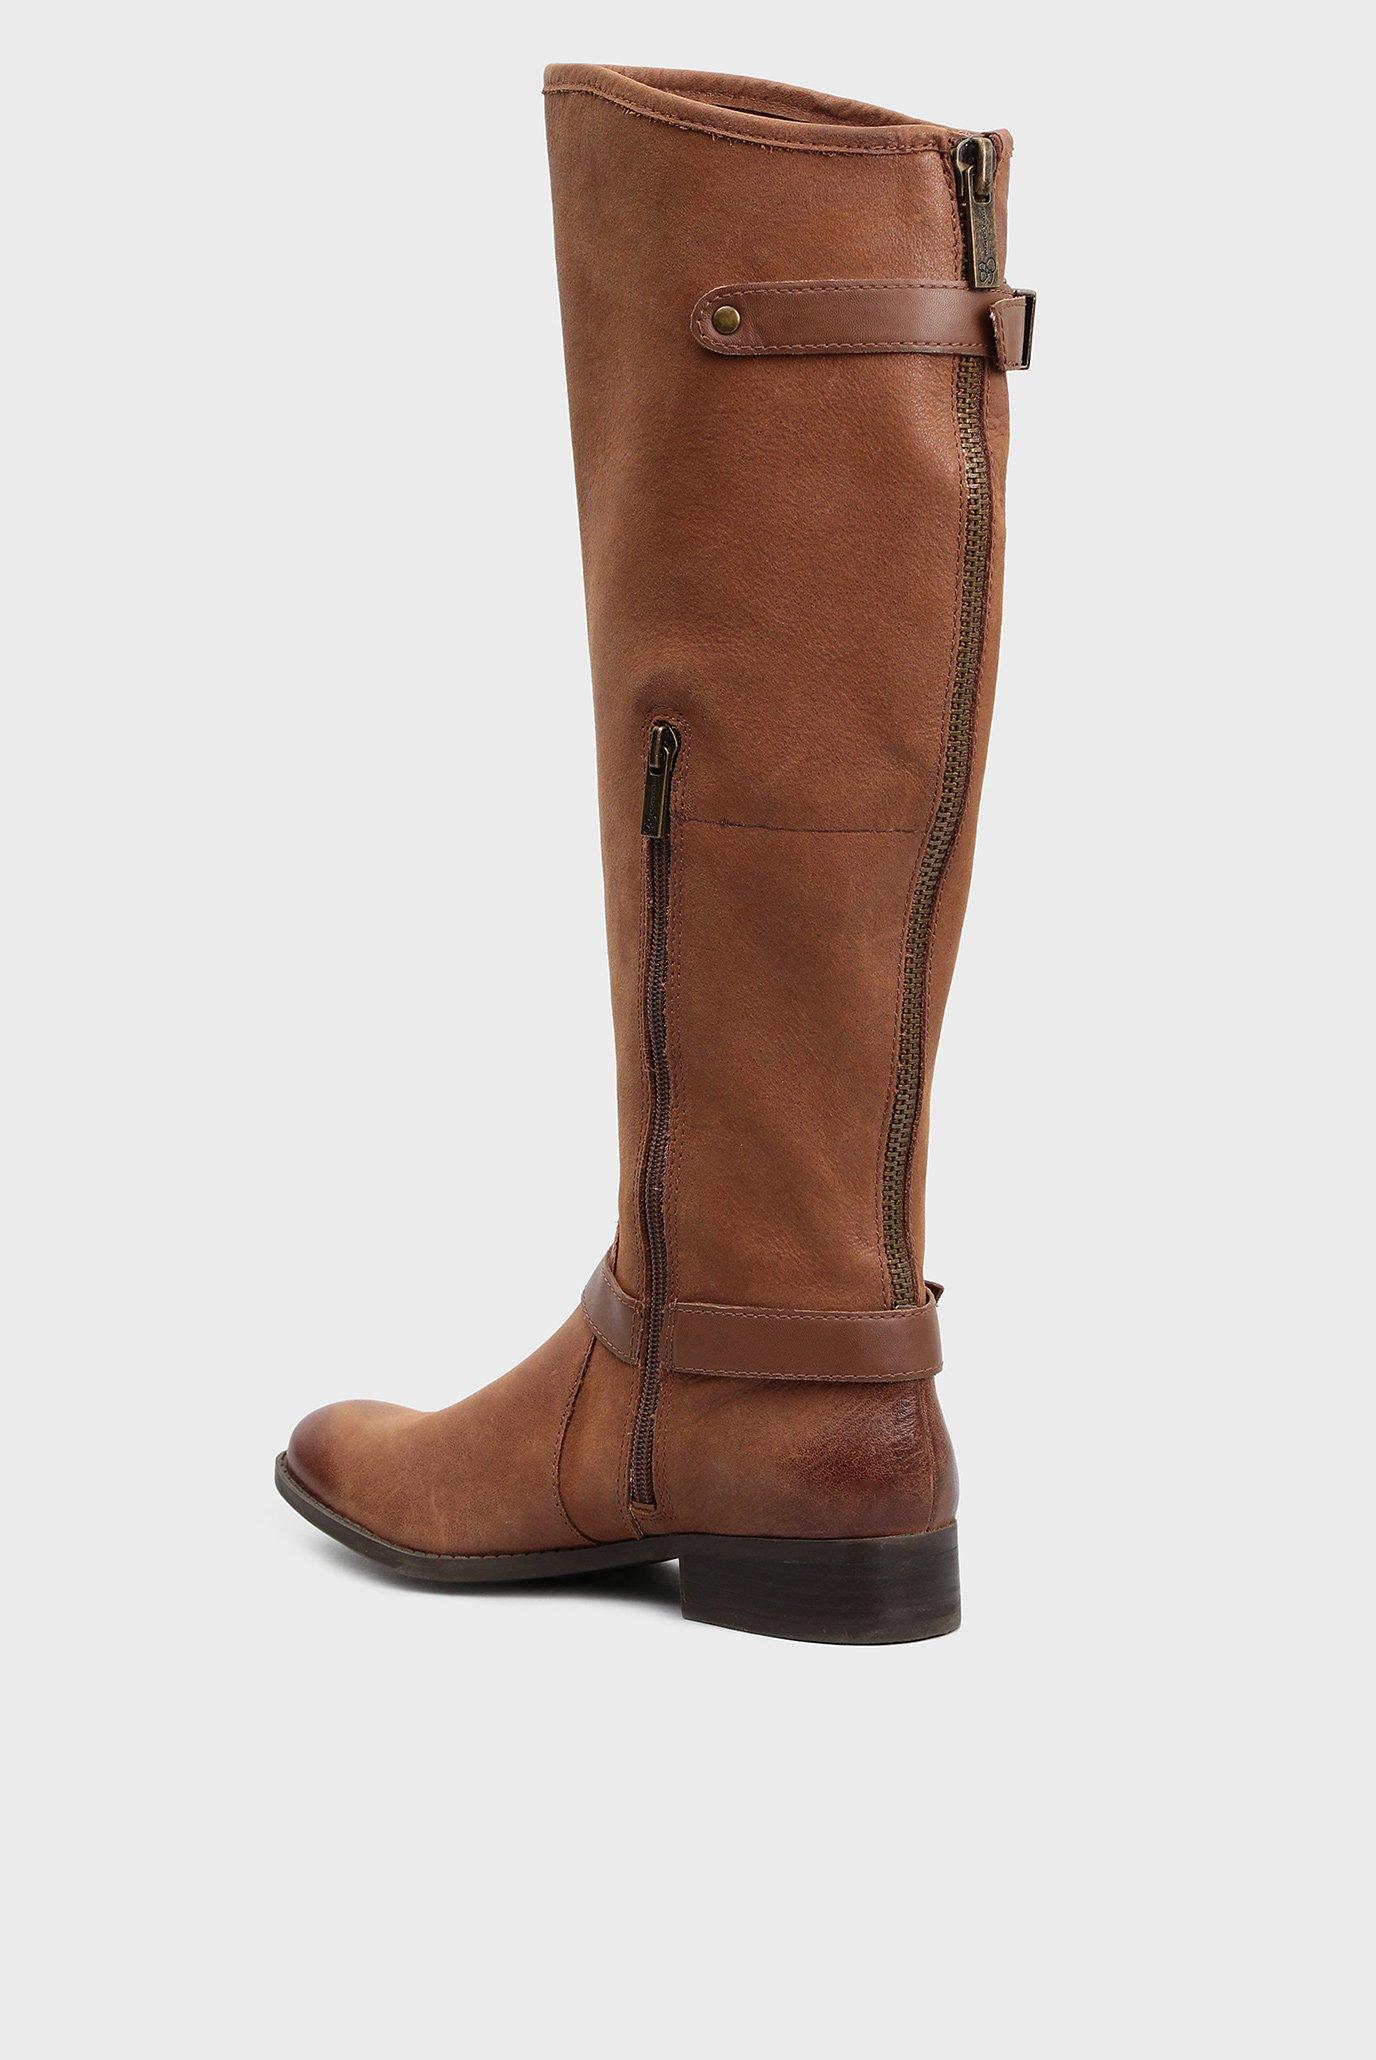 Купить Женские коричневые кожаные сапоги Jessica Simpson Jessica Simpson JS-RINNE/WINHZE – Киев, Украина. Цены в интернет магазине MD Fashion